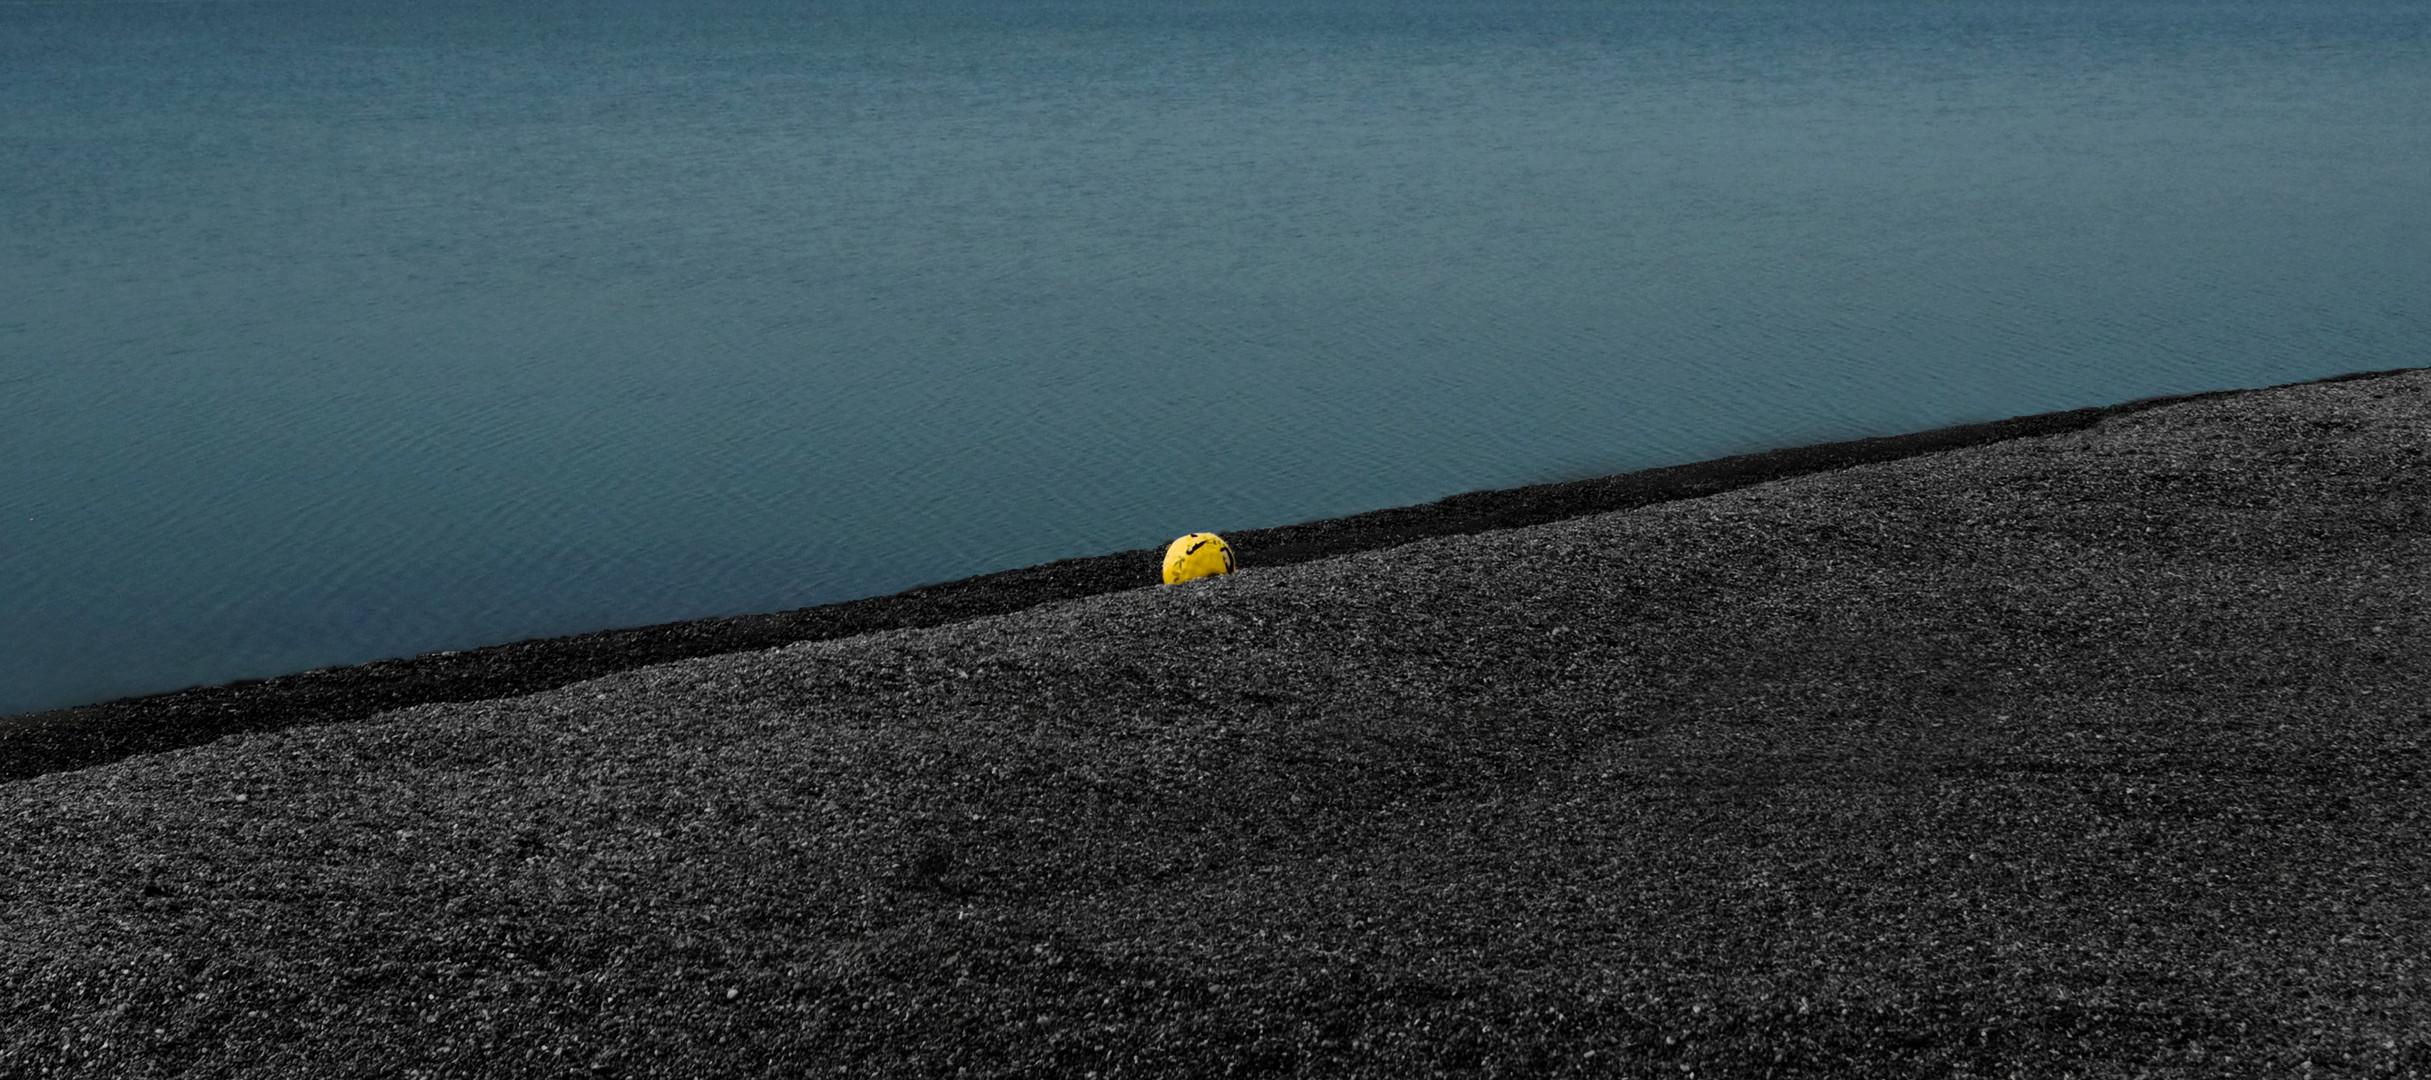 yellow ball.jpg